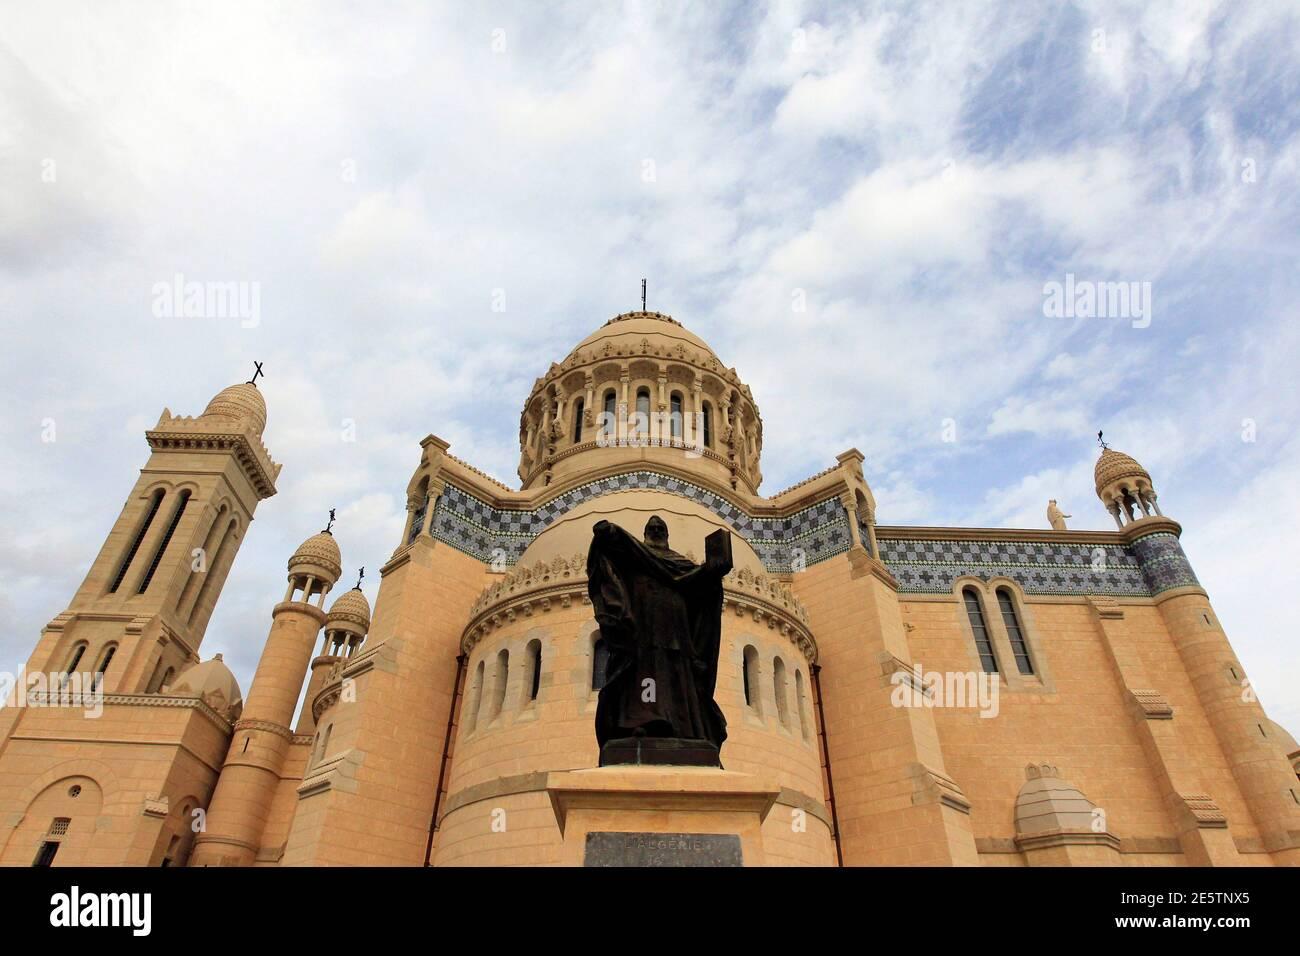 Ein Blick auf die neu restaurierte Notre Dame D'Afrique, oder Our Lady of Africa, Basilika in Algier 13. Dezember 2010. Die Basilika wurde am Montag nach einem vierjährigen Restaurierungsprojekt, das teilweise von der Europäischen Union finanziert wurde, offiziell wieder eröffnet. Die Kirche, die auf einem Vorgebirge mit Blick auf das Mittelmeer steht, wurde während der französischen Kolonialherrschaft in Algerien gebaut.REUTERS/Zohra Bensemra (ALGERIEN - Tags: RELIGION GESELLSCHAFT) Stockfoto